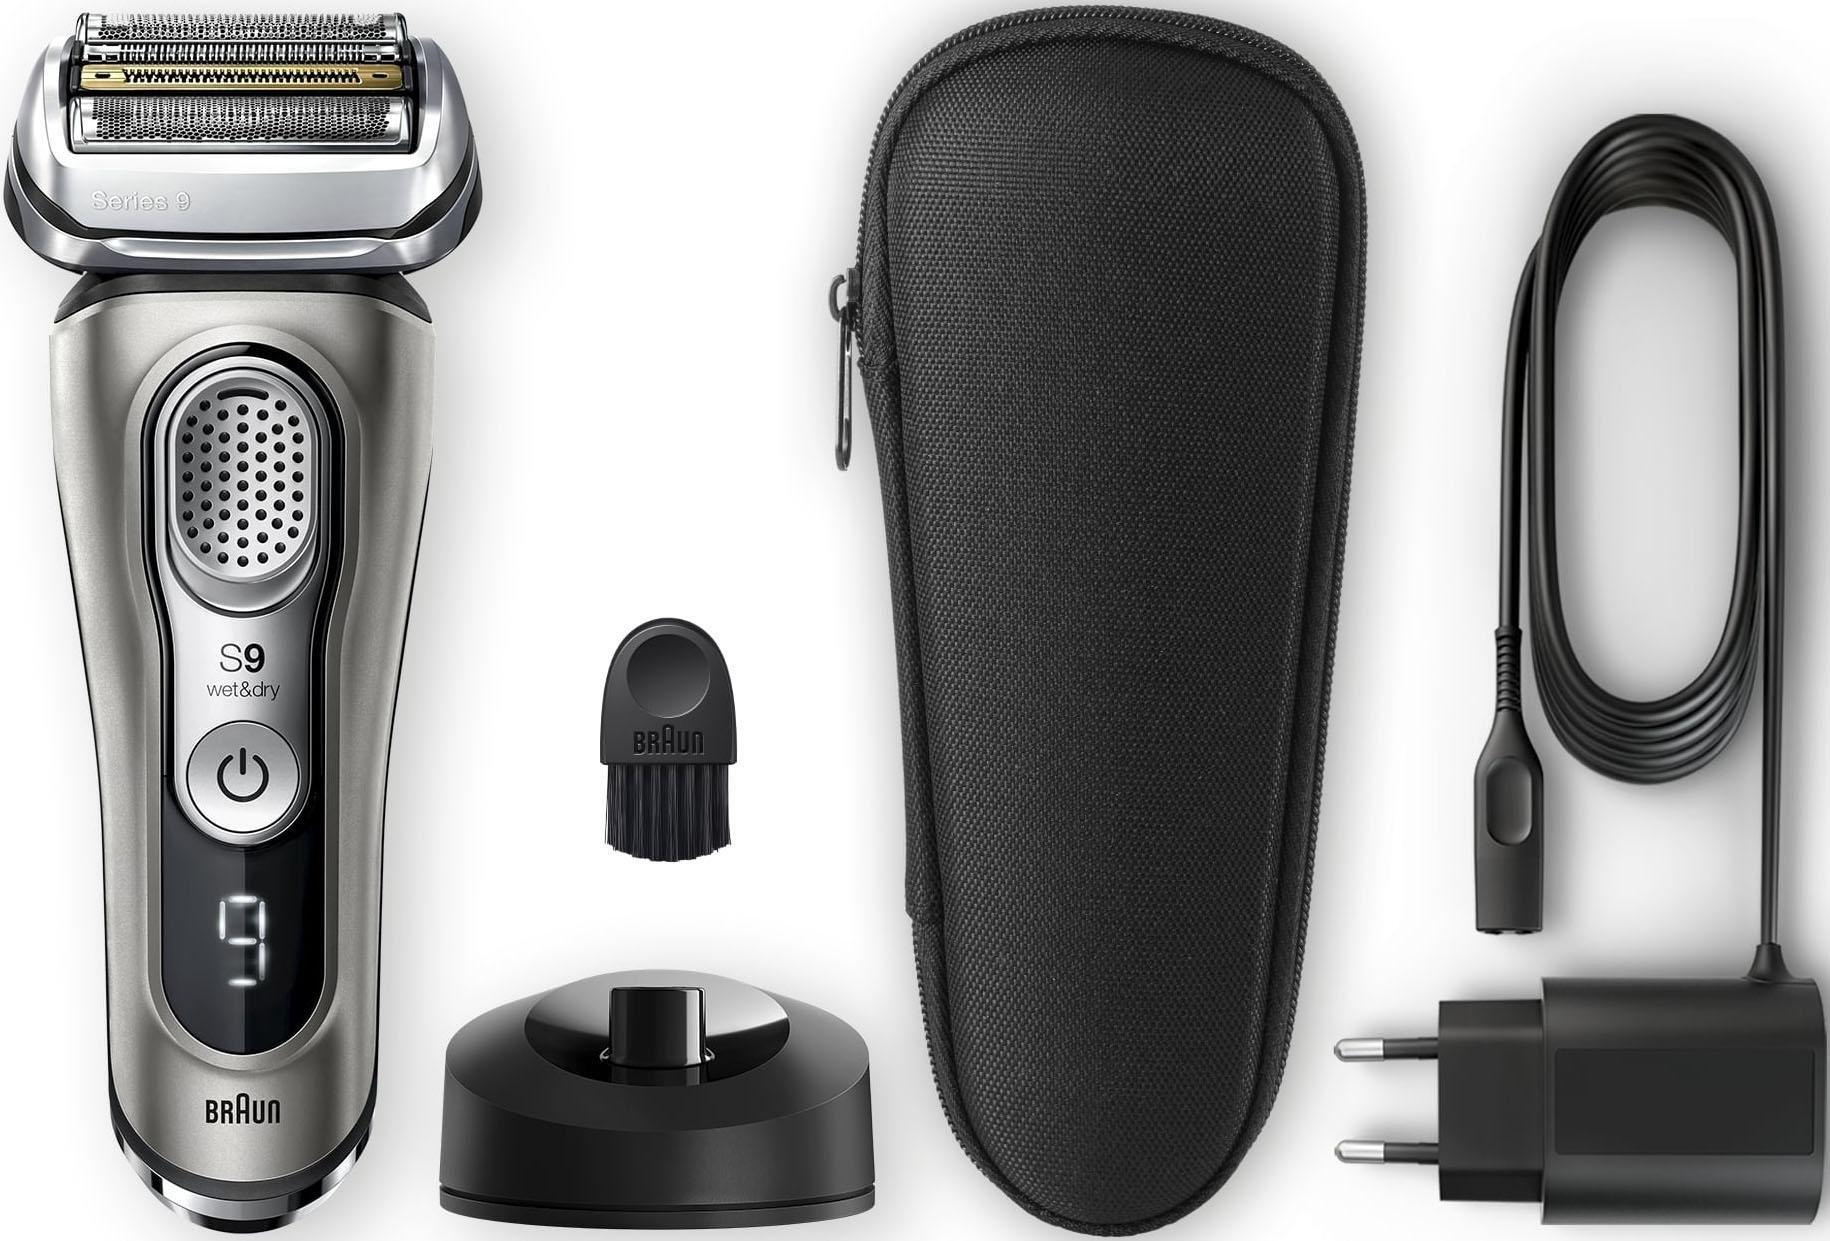 Op zoek naar een Braun elektrisch scheerapparaat Series 9 9345s, SmartClick-precisietrimmer? Koop online bij OTTO